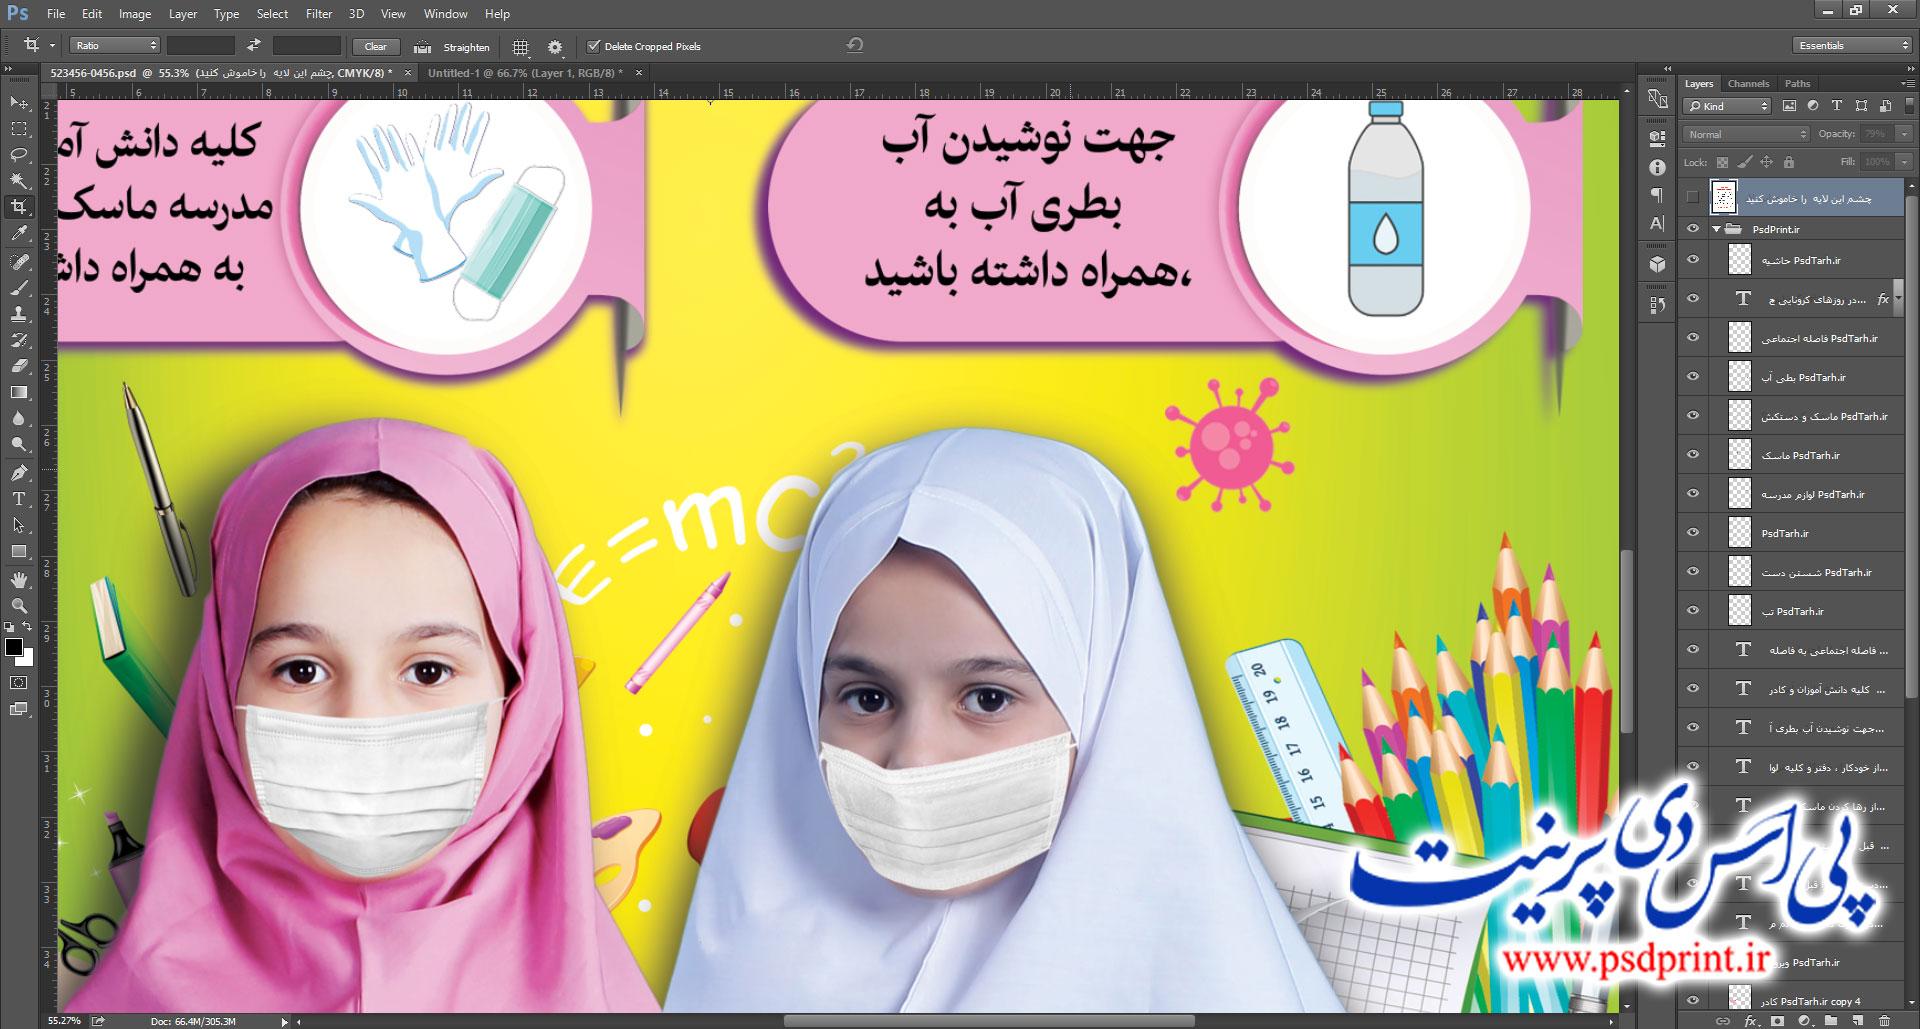 بنر لایه باز پروتکل بهداشتی مدارس دخترانه